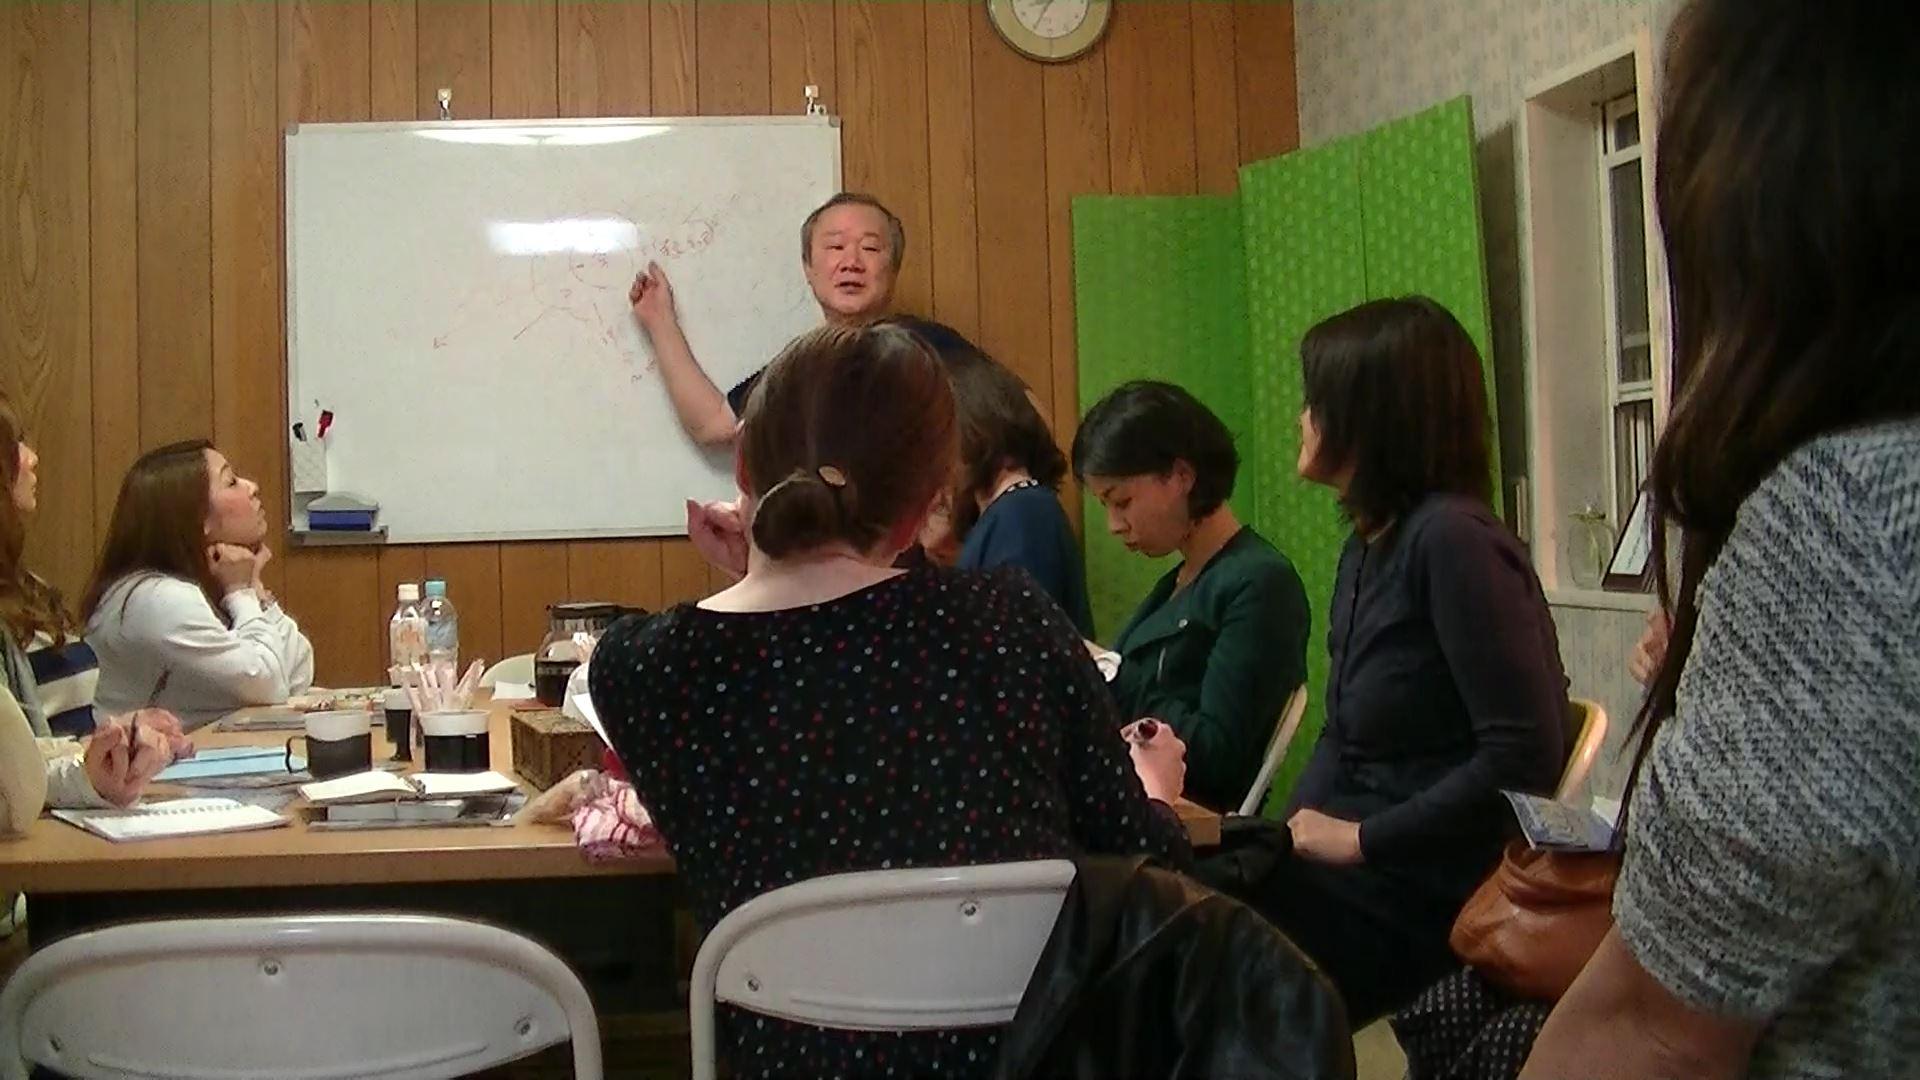 00479.MTS 000018852 - 2019年7月16日愛の子育て塾第15期第2講座開催しました。